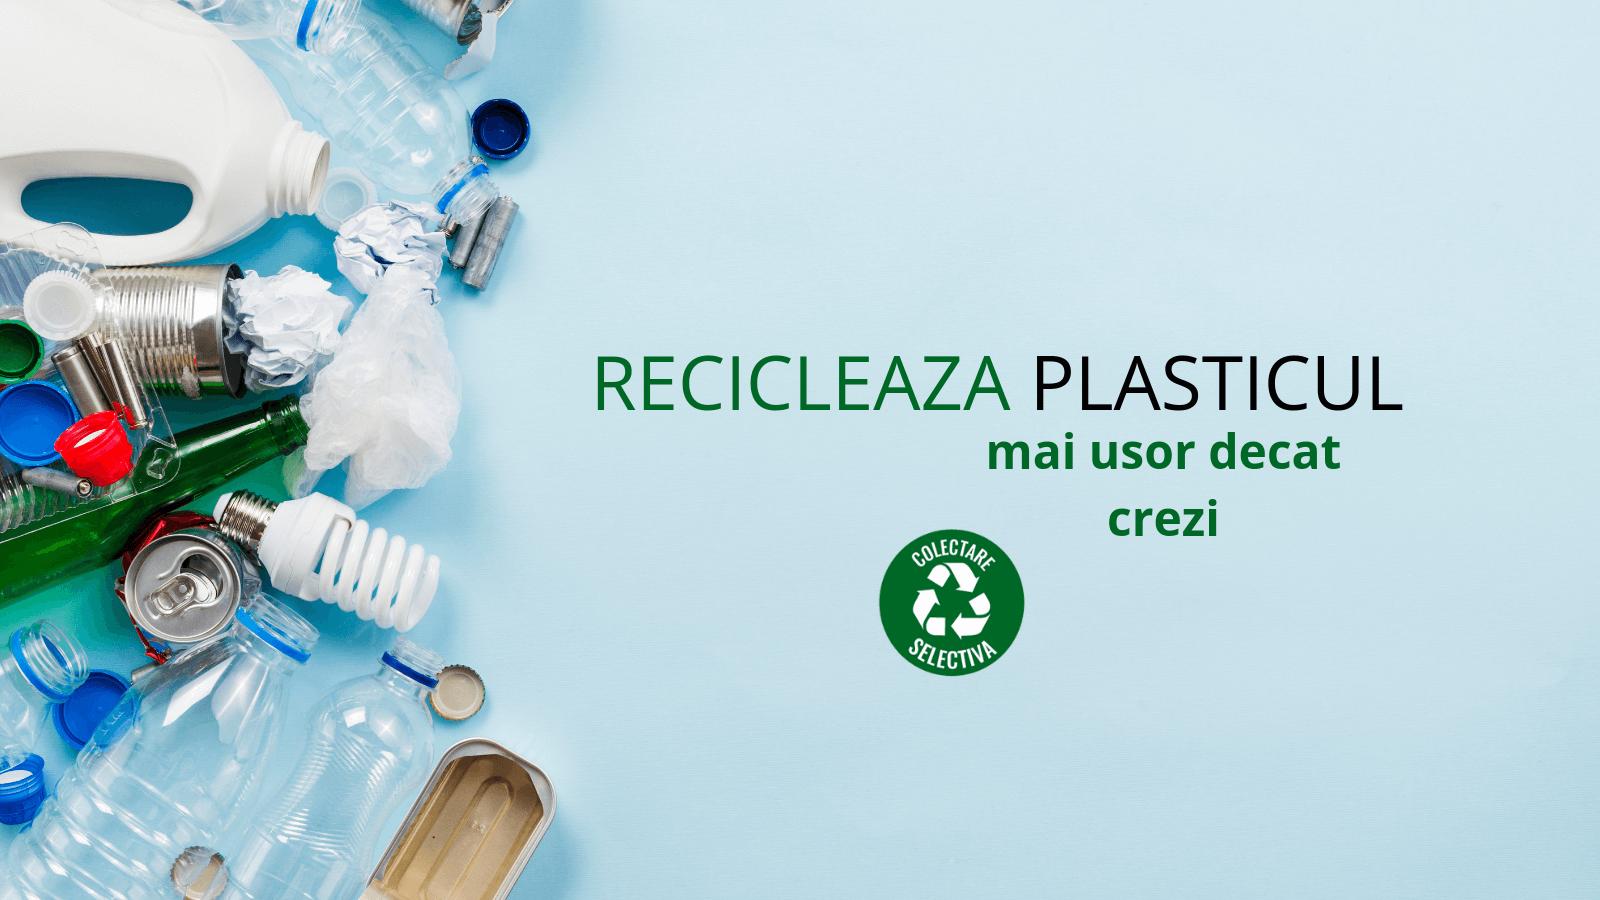 Reciclarea plasticului